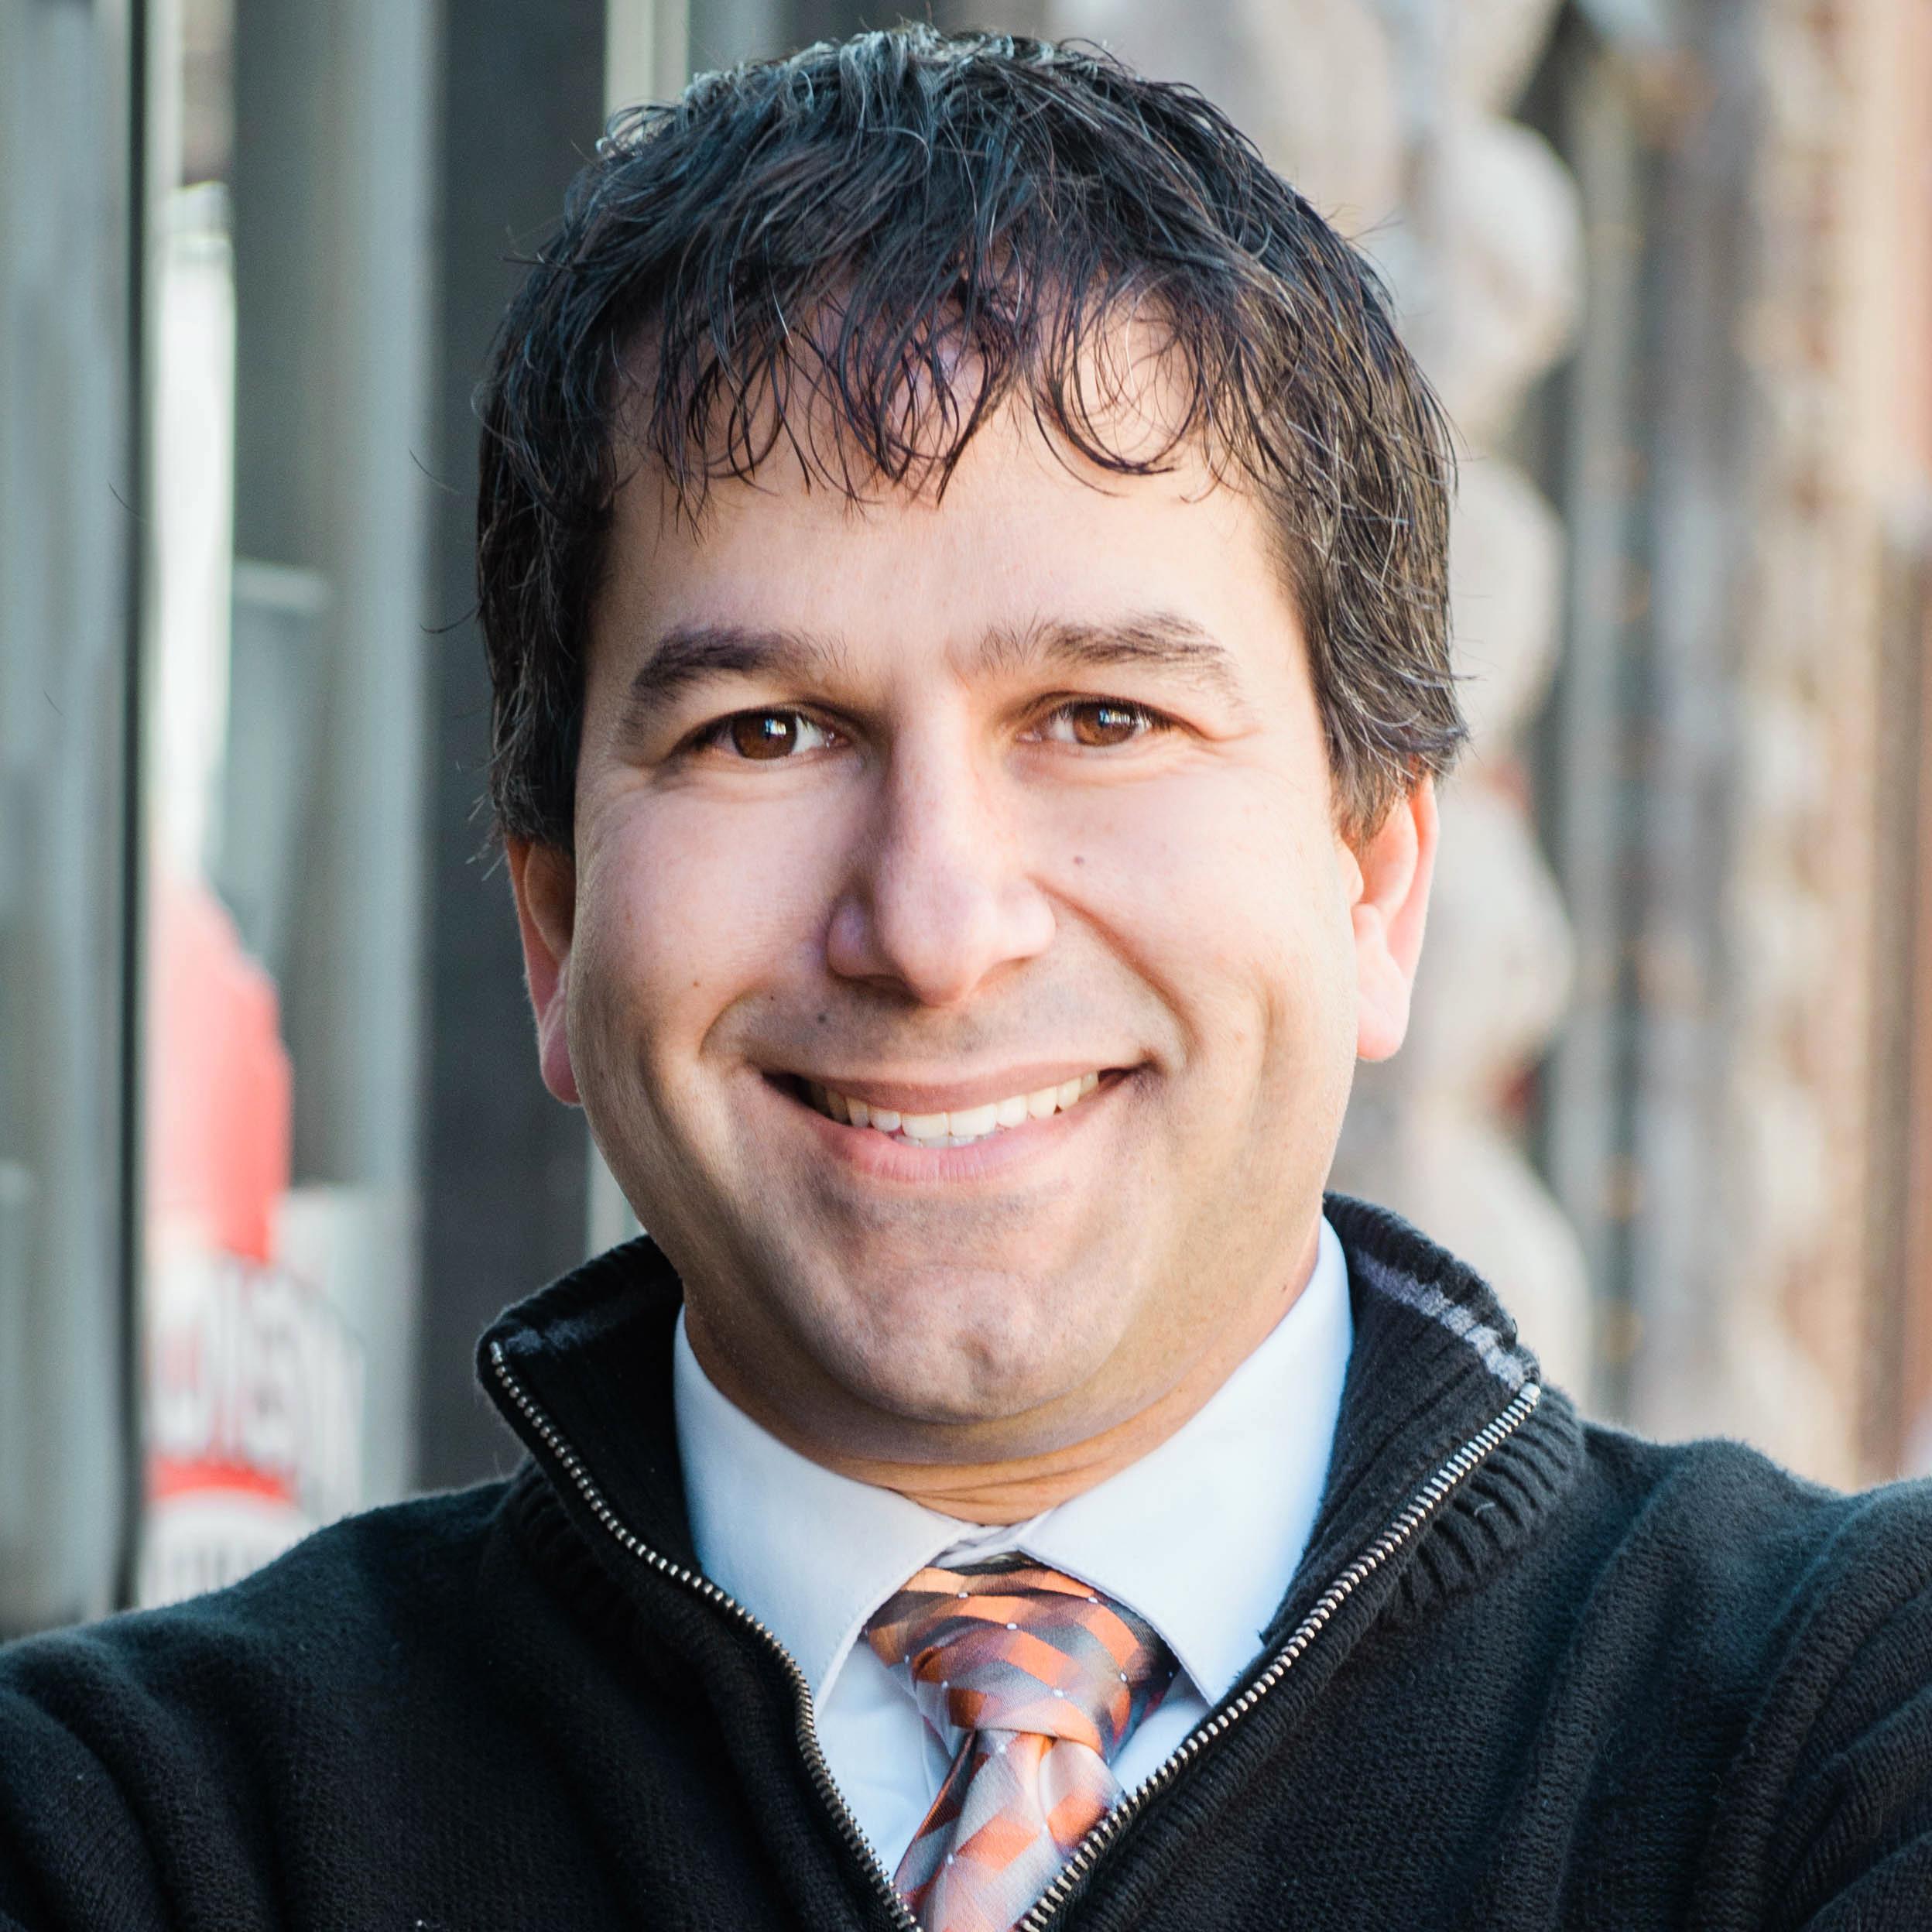 Host Tony Veroeven